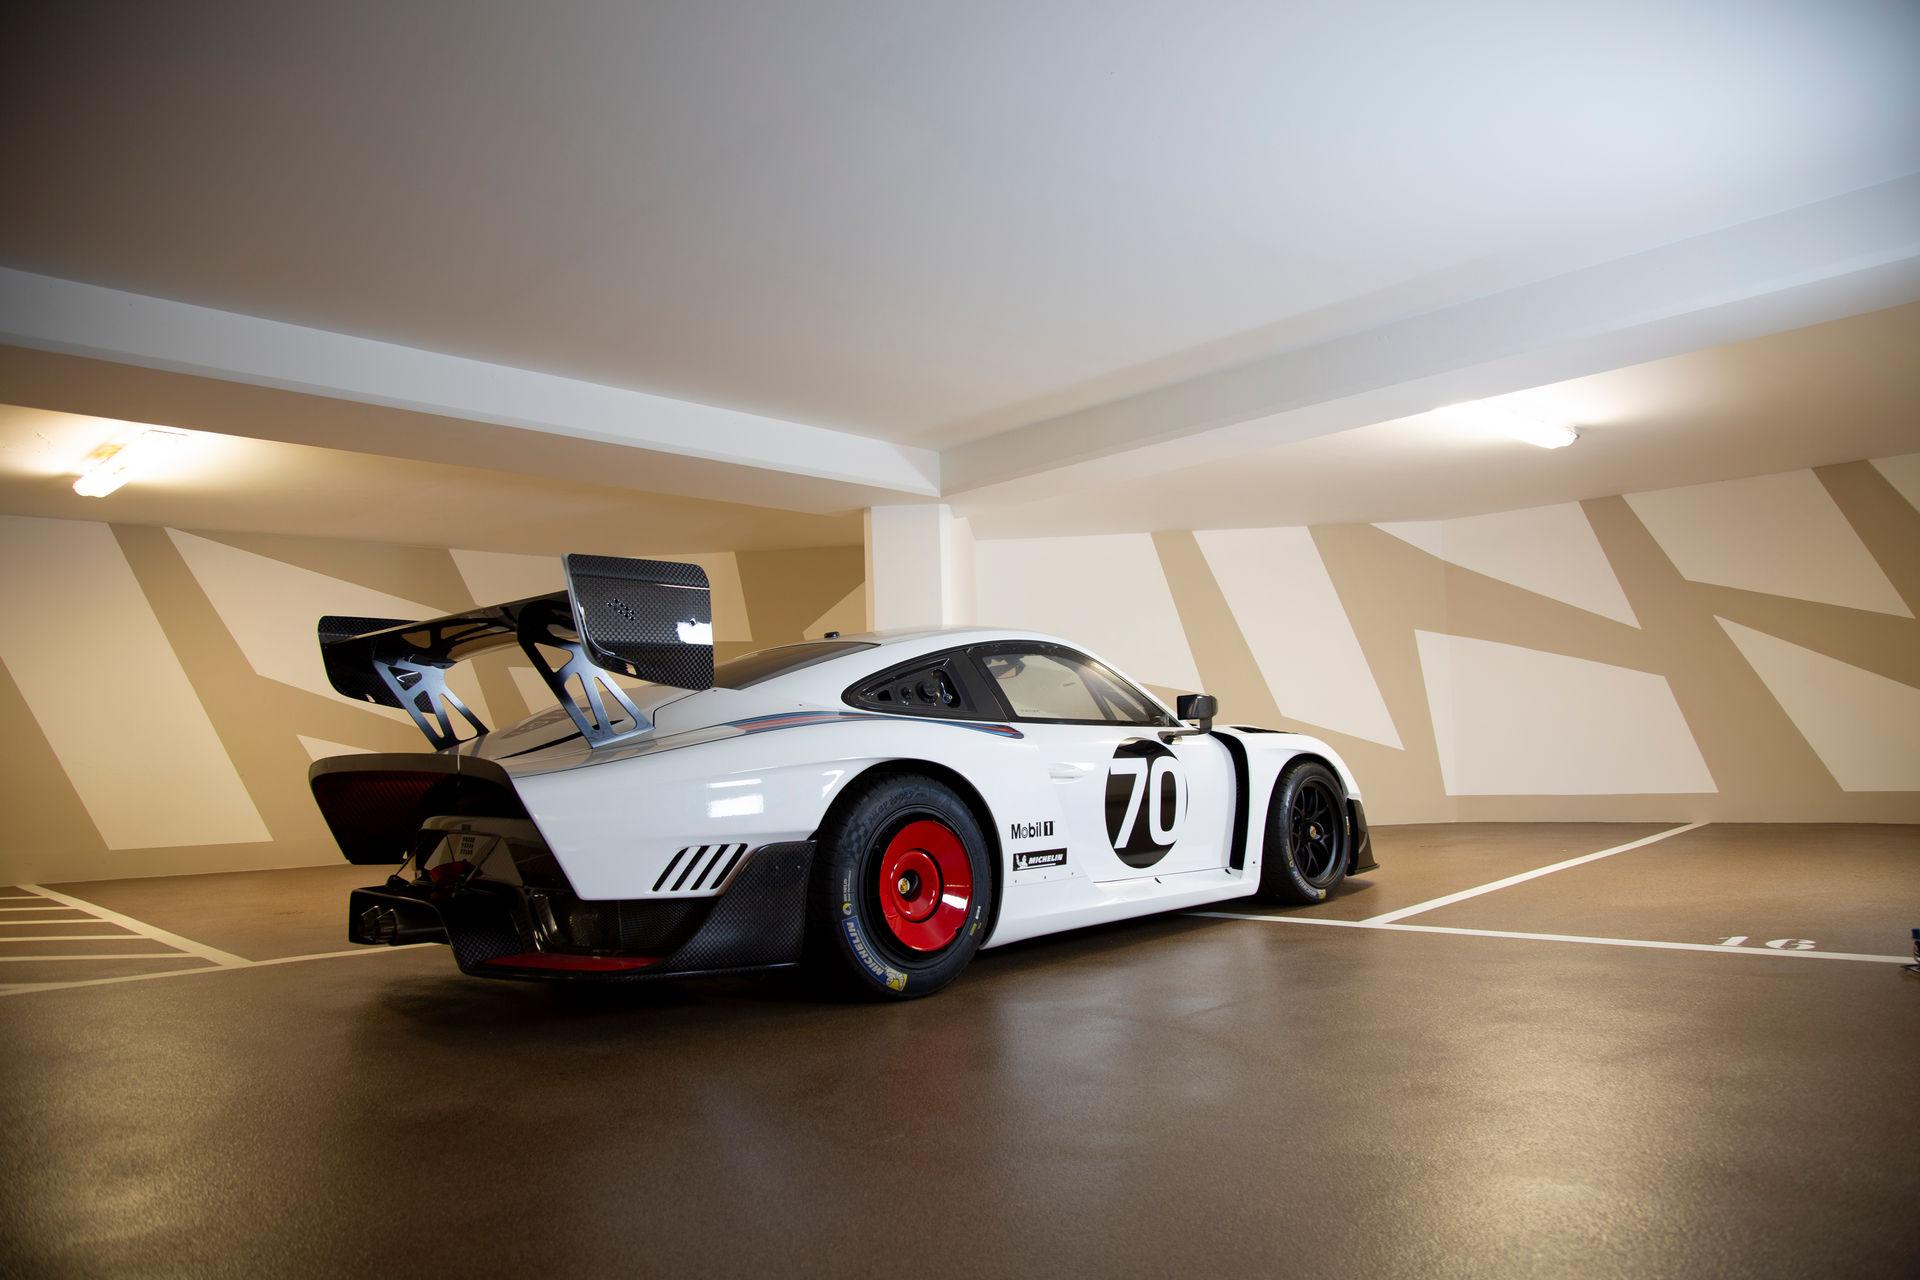 2020_Porsche_935_Martini_Livery_sale_0001